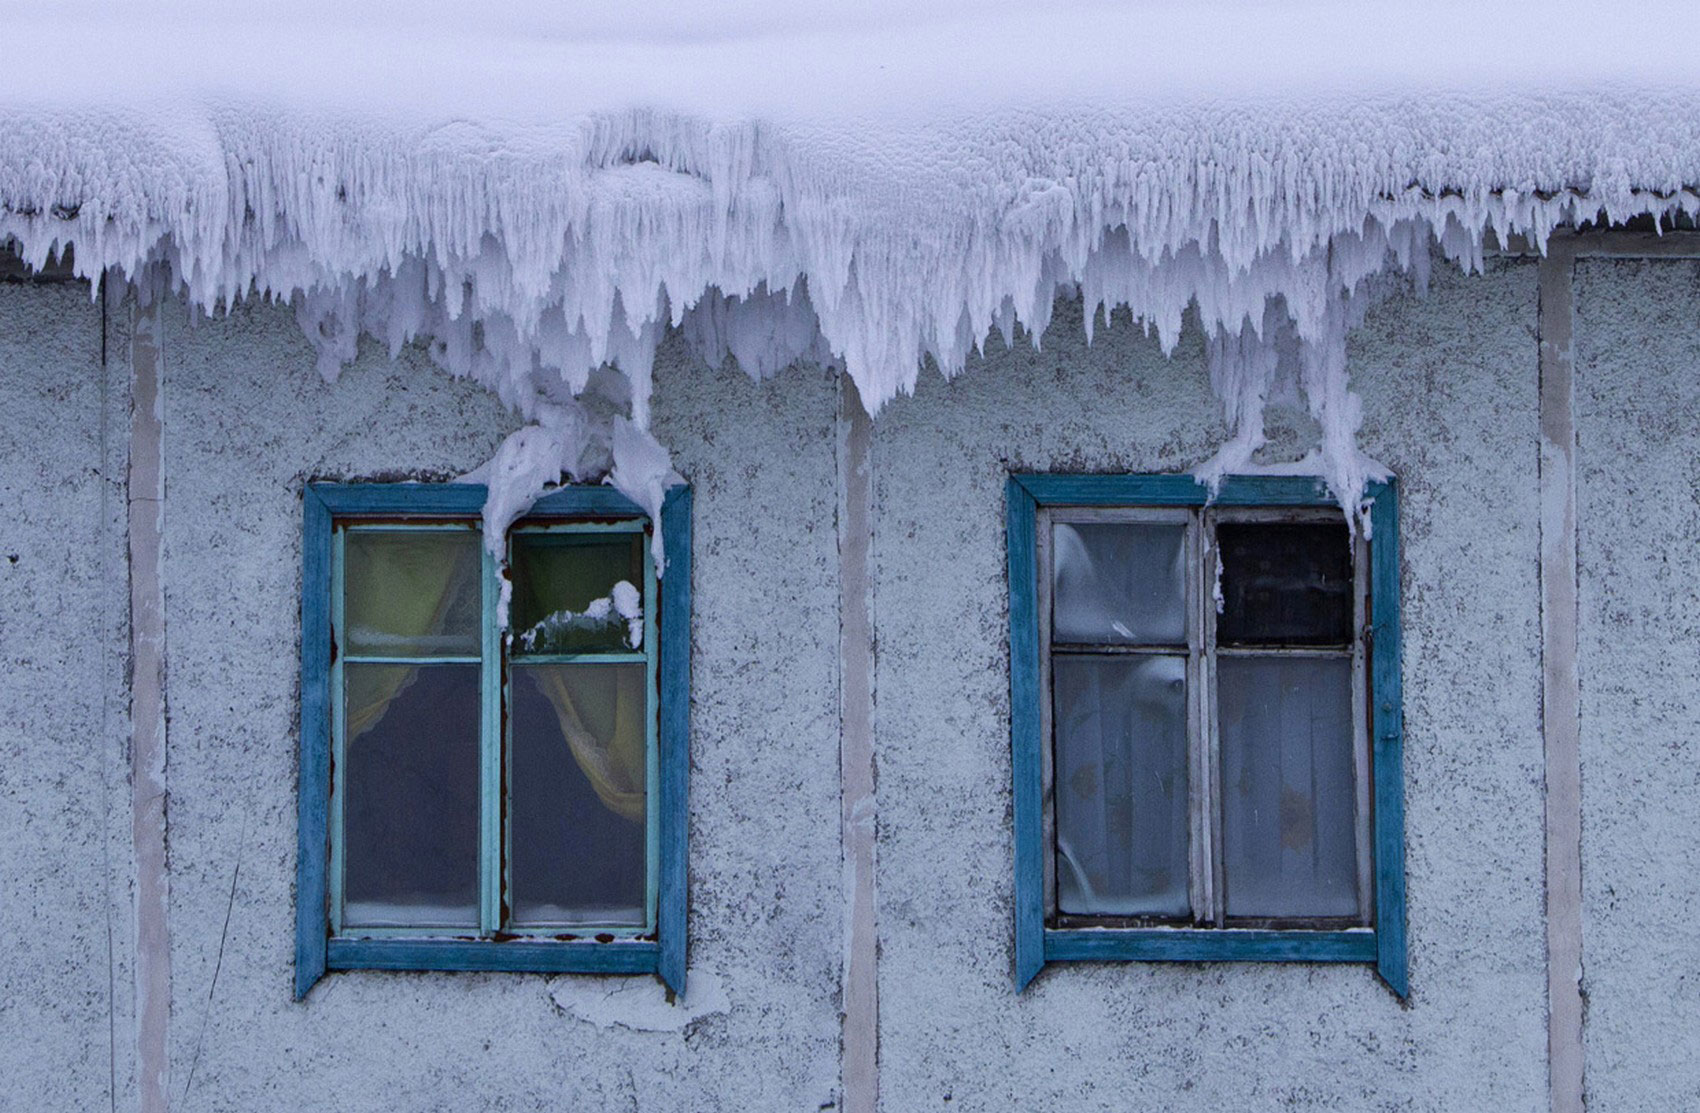 крыша дома в снегу, фото зимы